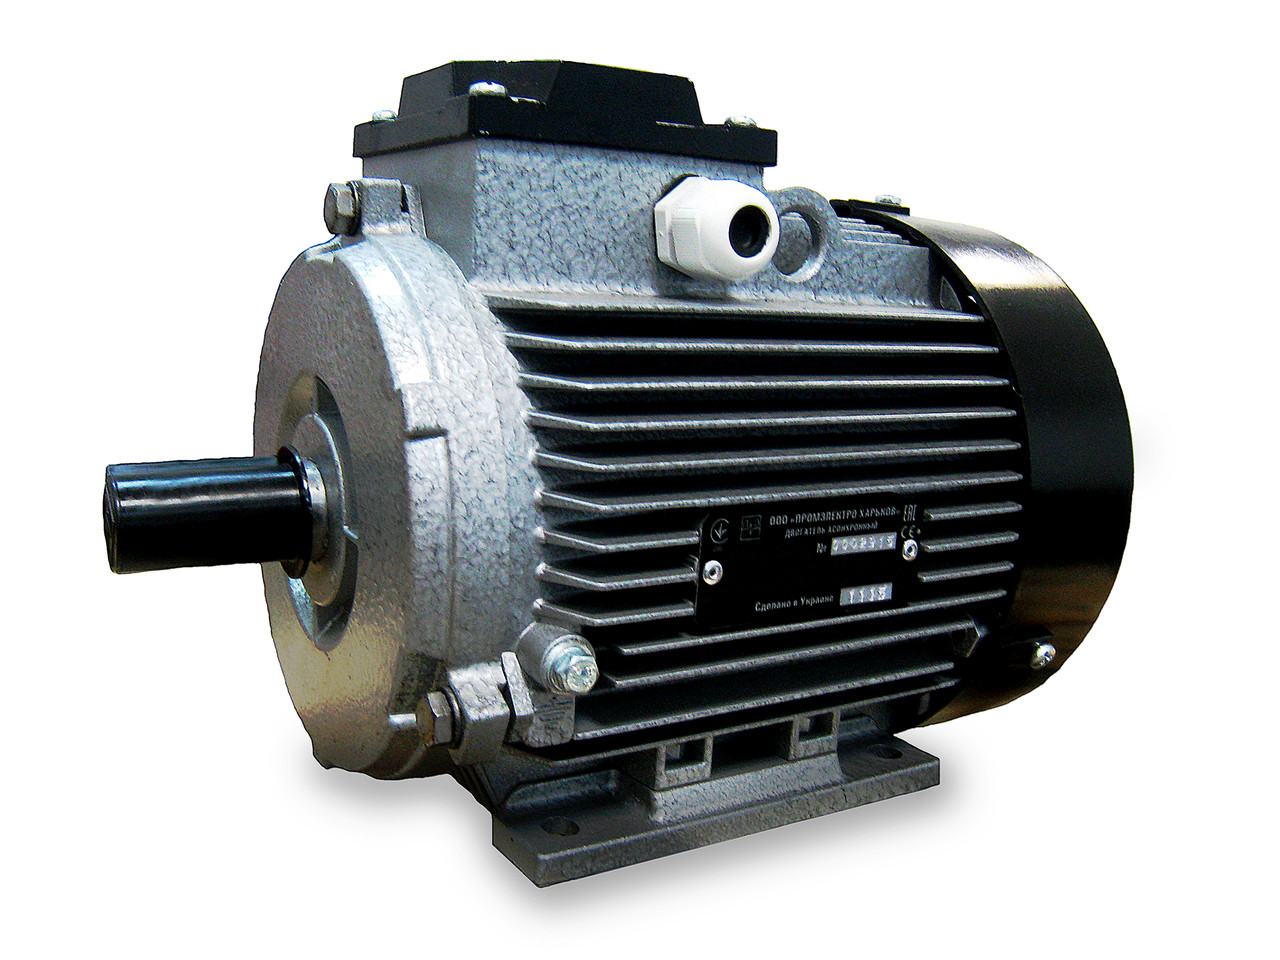 Трёхфазный электродвигатель АИР 90 L4 У2 (2.2 кВт, 1500 об/мин)